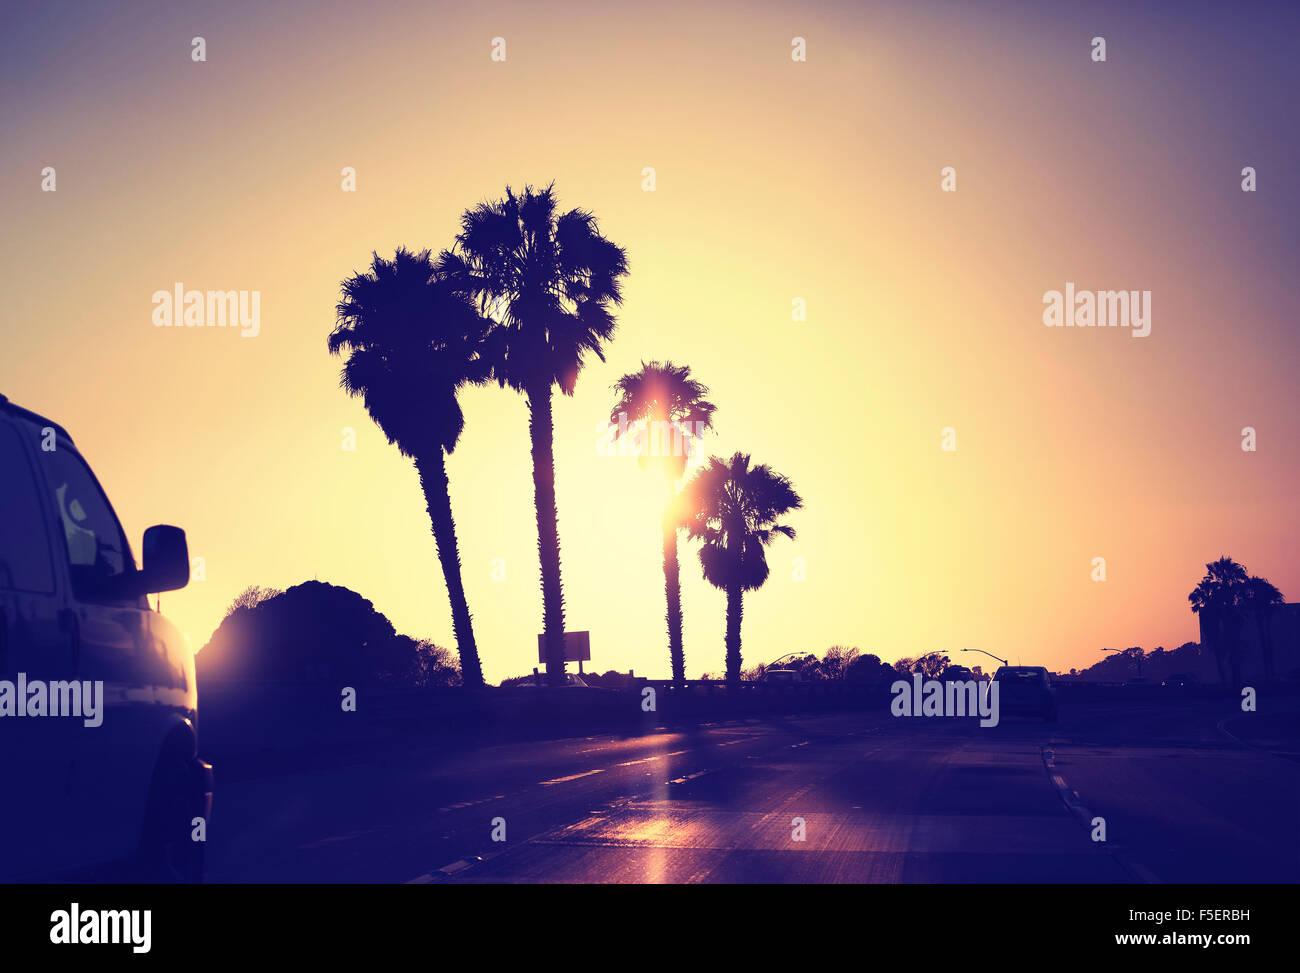 Vintage immagine stilizzata di strada contro il tramonto, California, USA. Immagini Stock